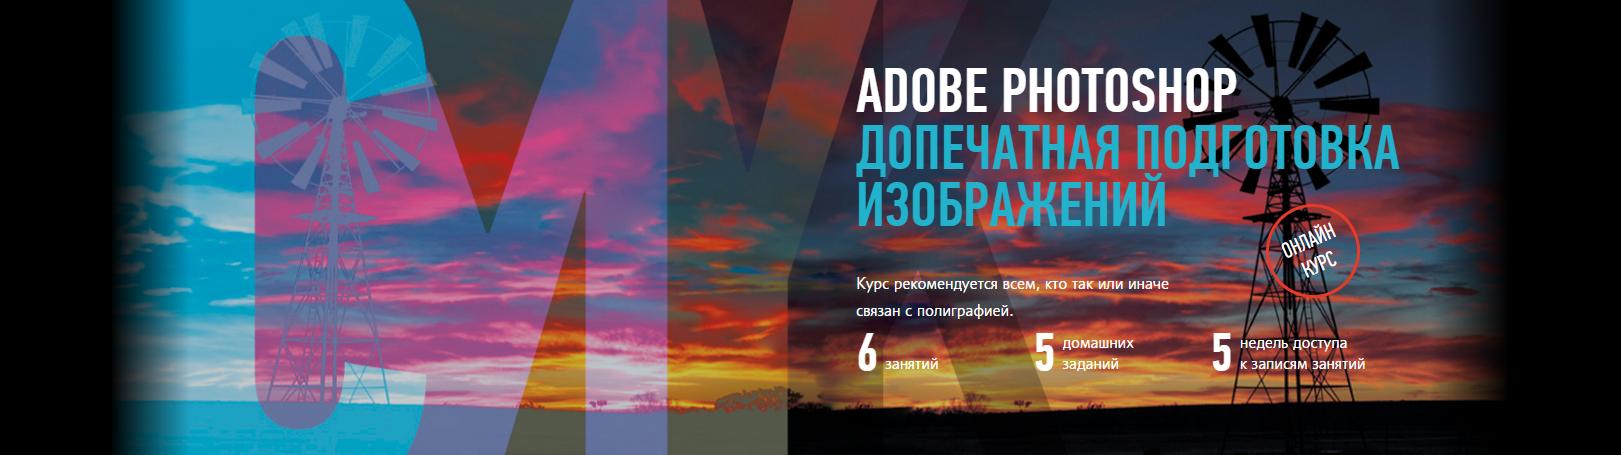 2015-12-08 09-39-36 Adobe Photoshop. Допечатная подготовка изображений - Google Chrome.png